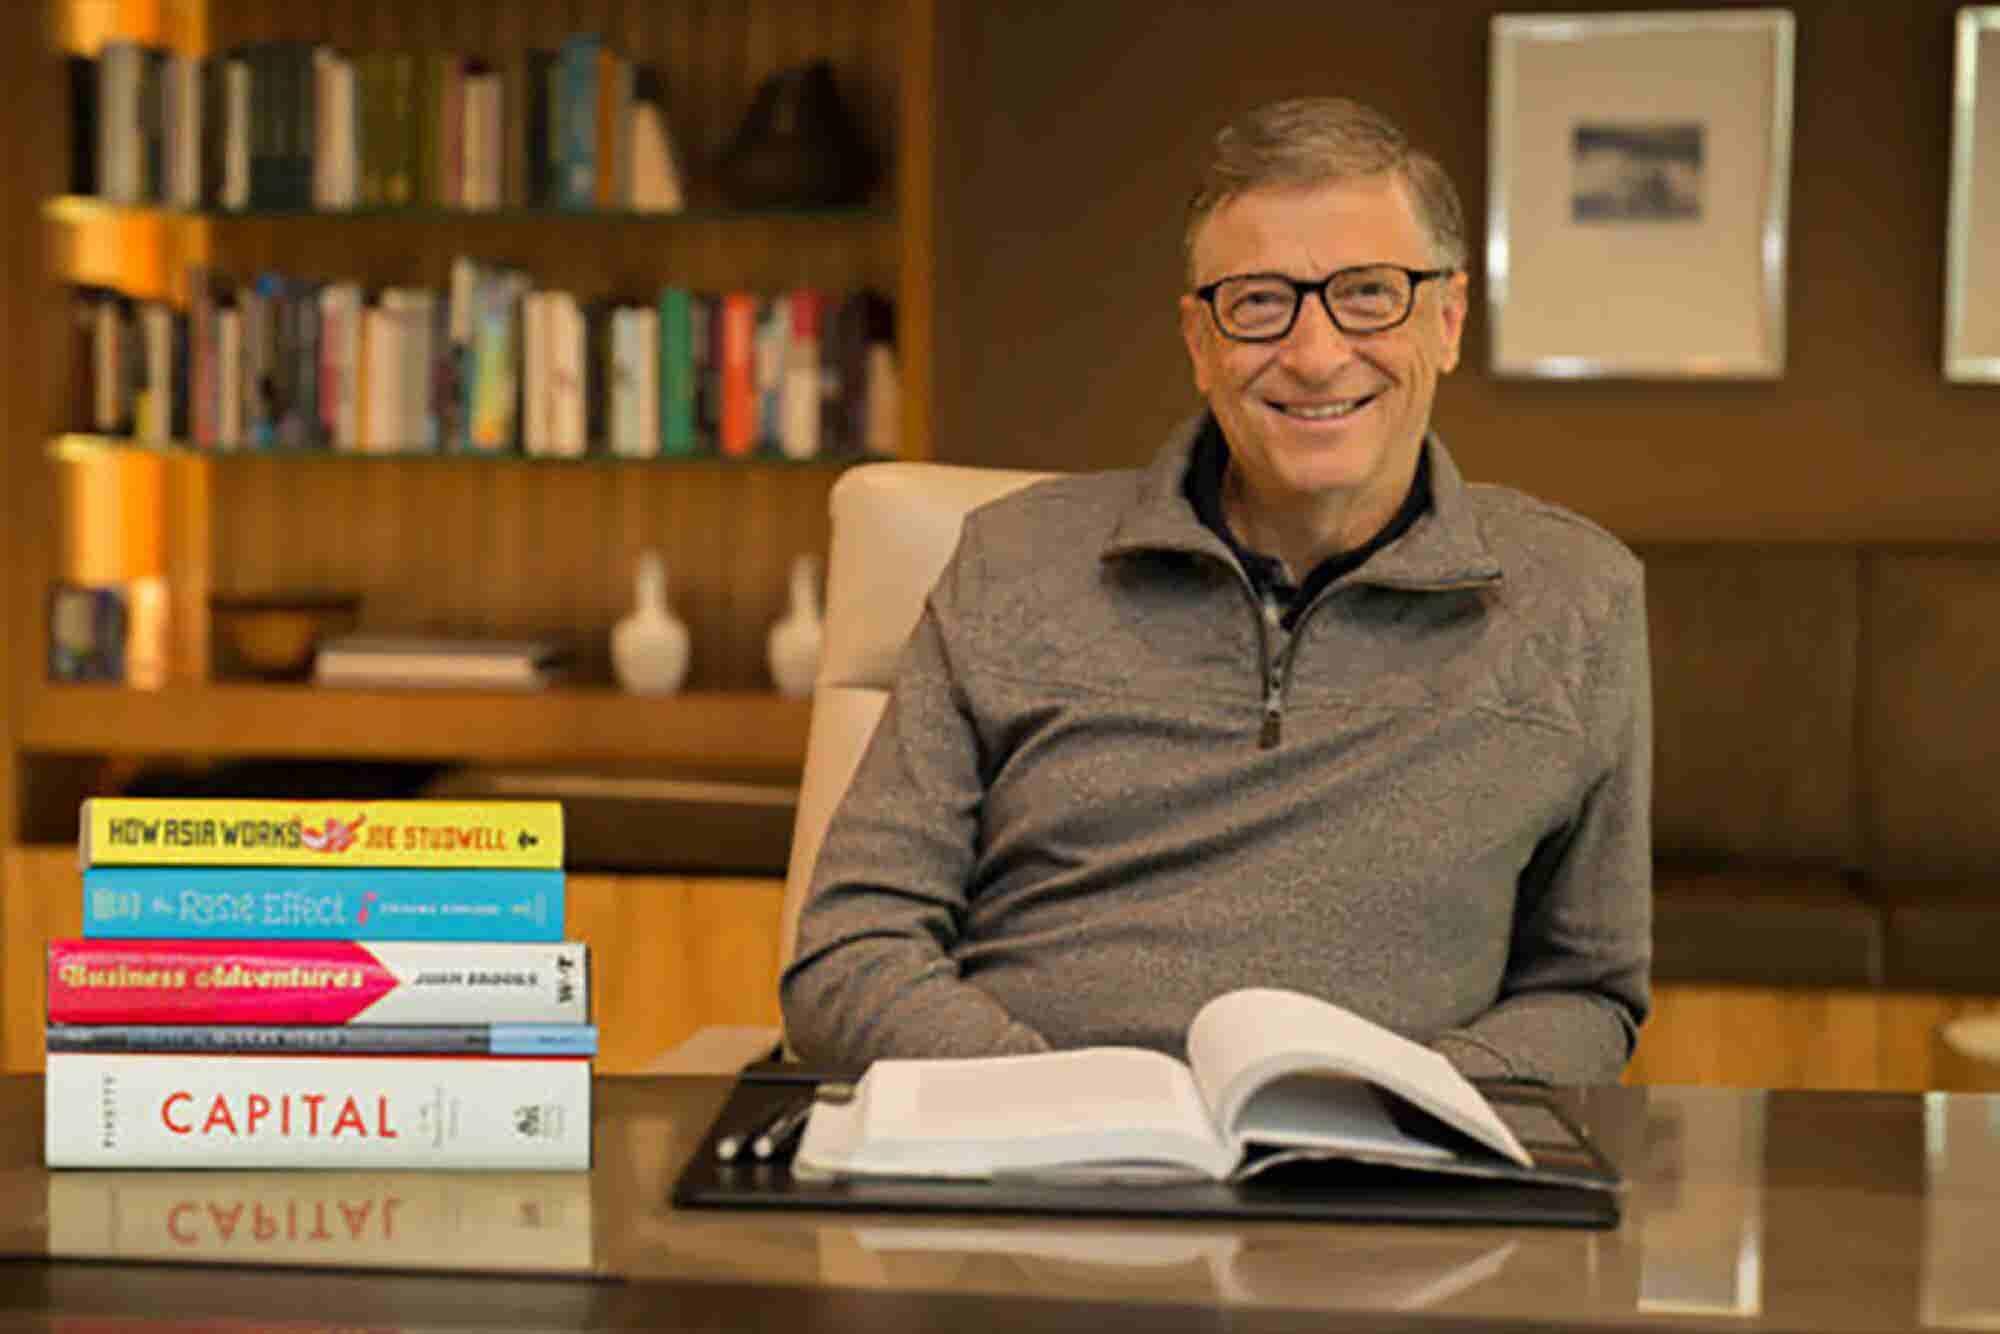 ¿Qué leen Bill Gates y otros emprendedores?